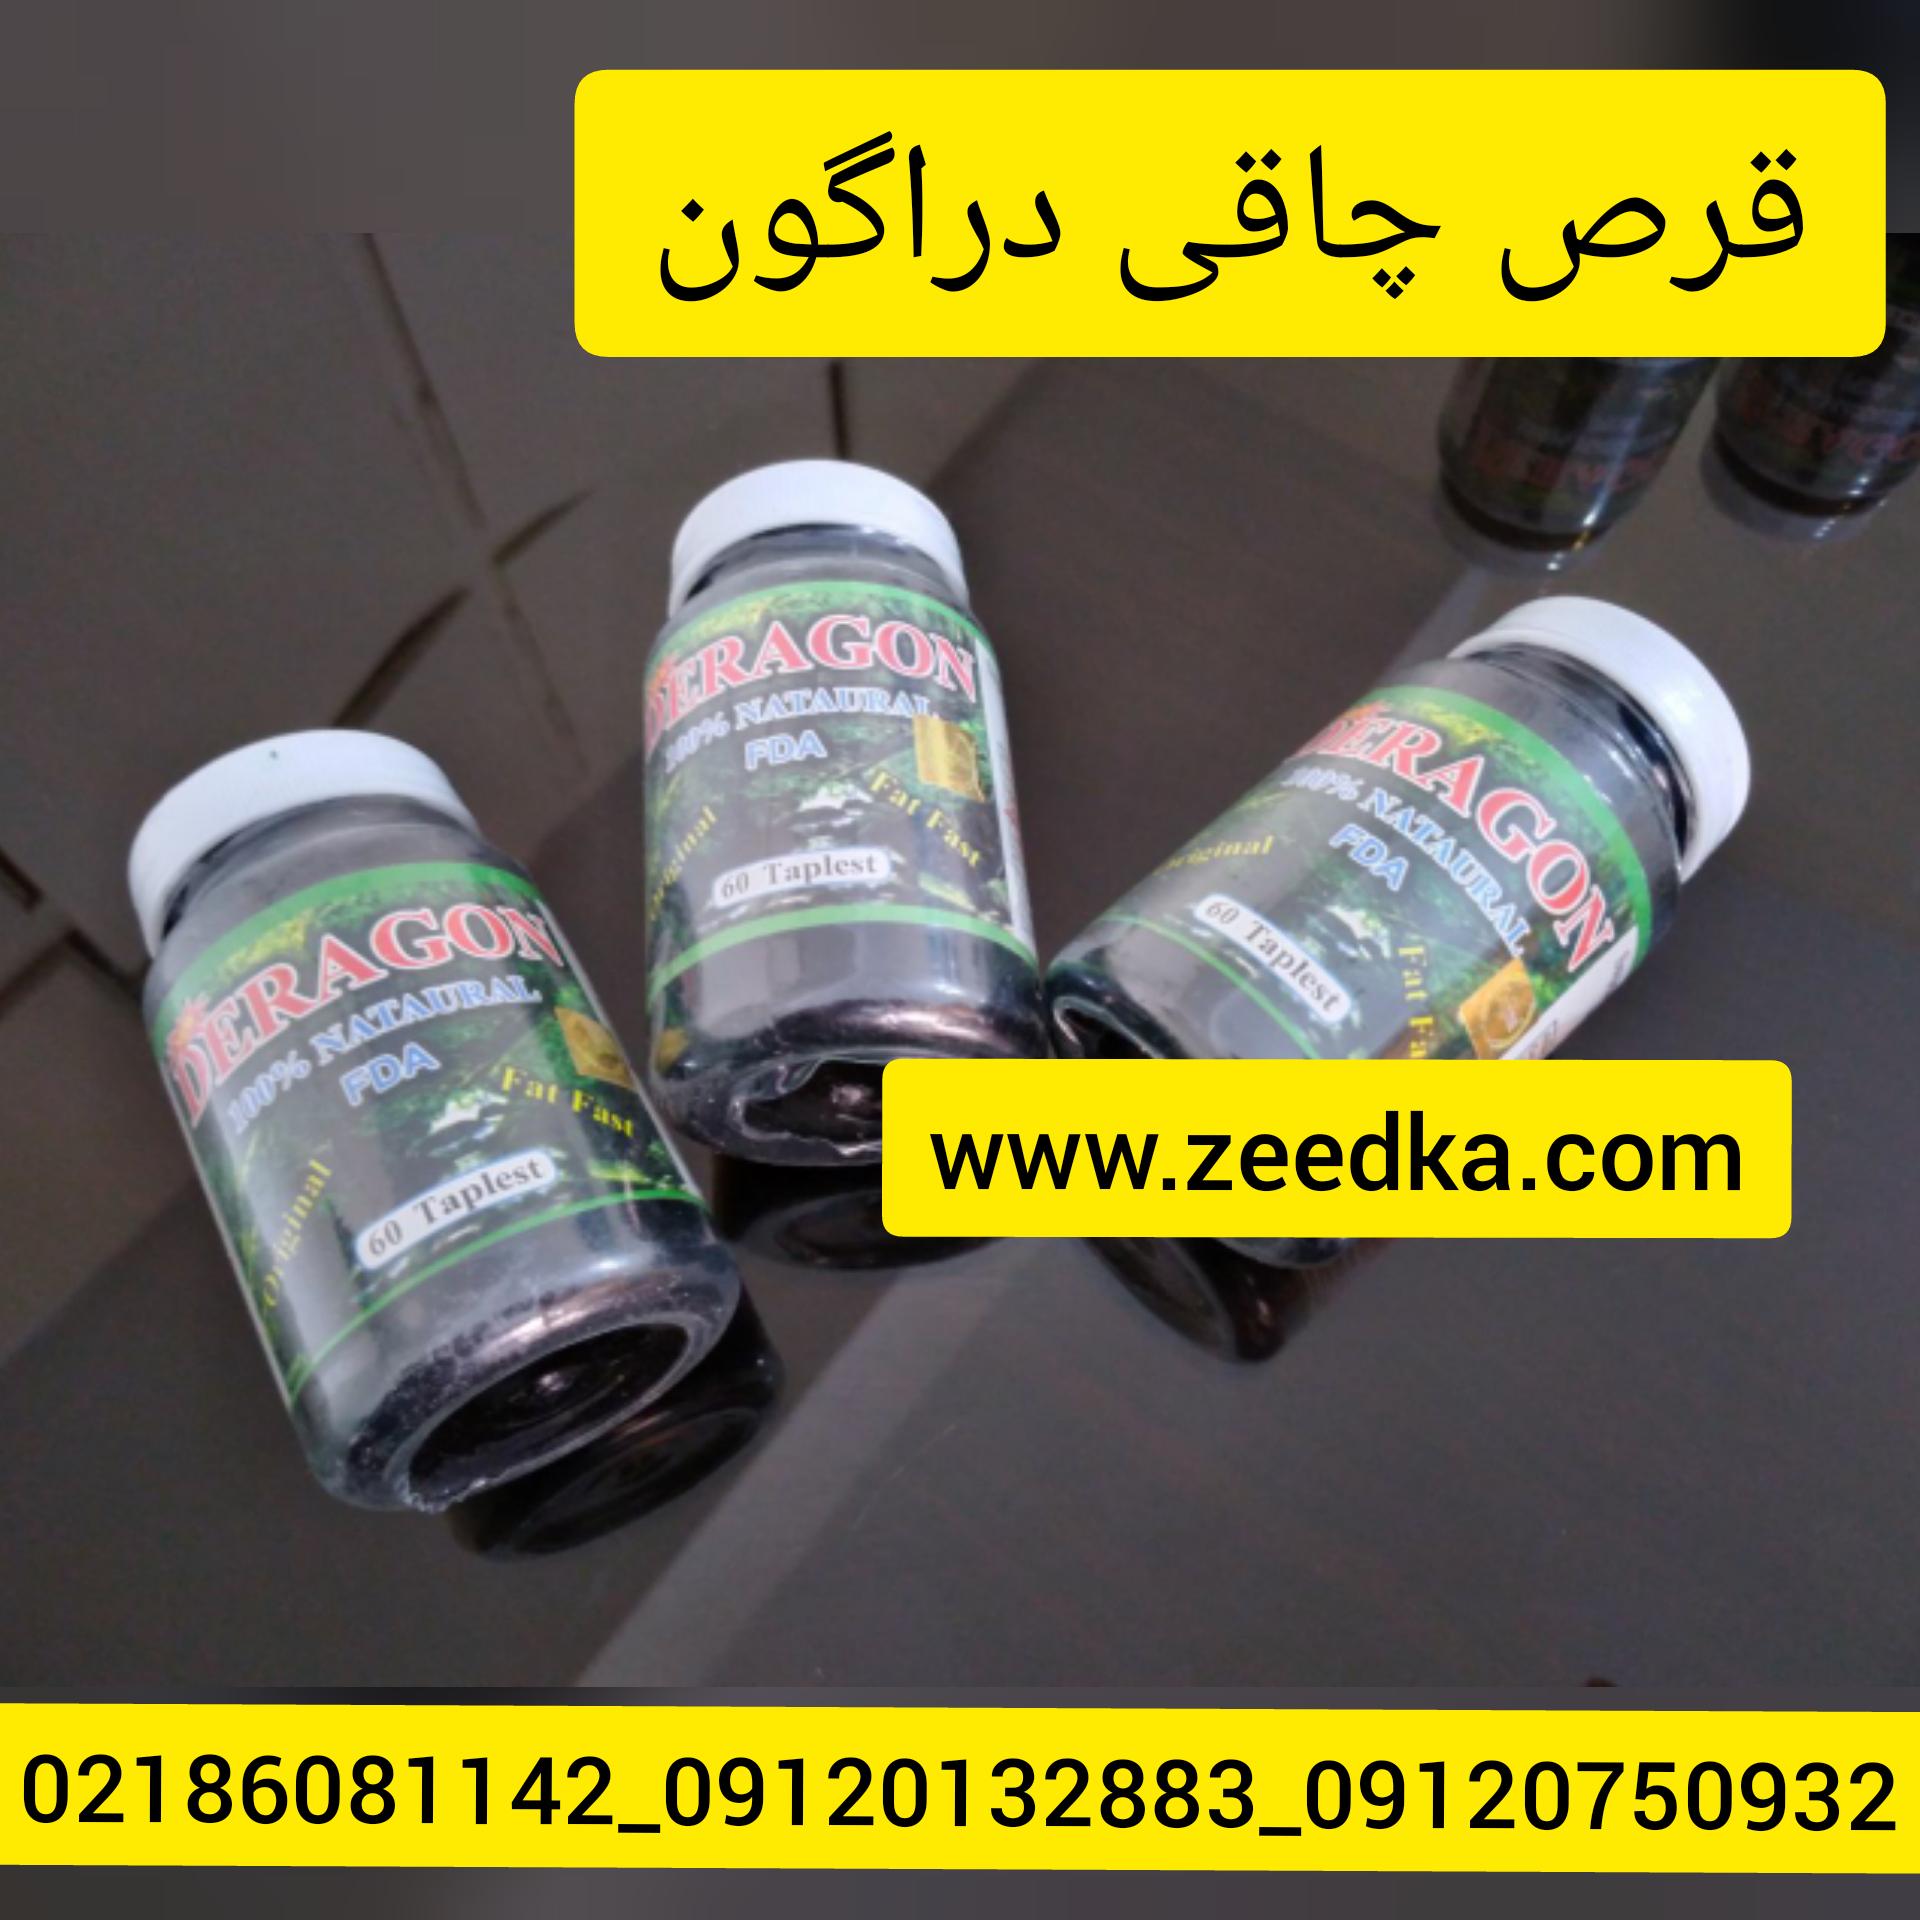 قرص چاقی ۰۹۱۲۰۱۳۲۸۸۳/افزایش اشتها/افزایش وزن